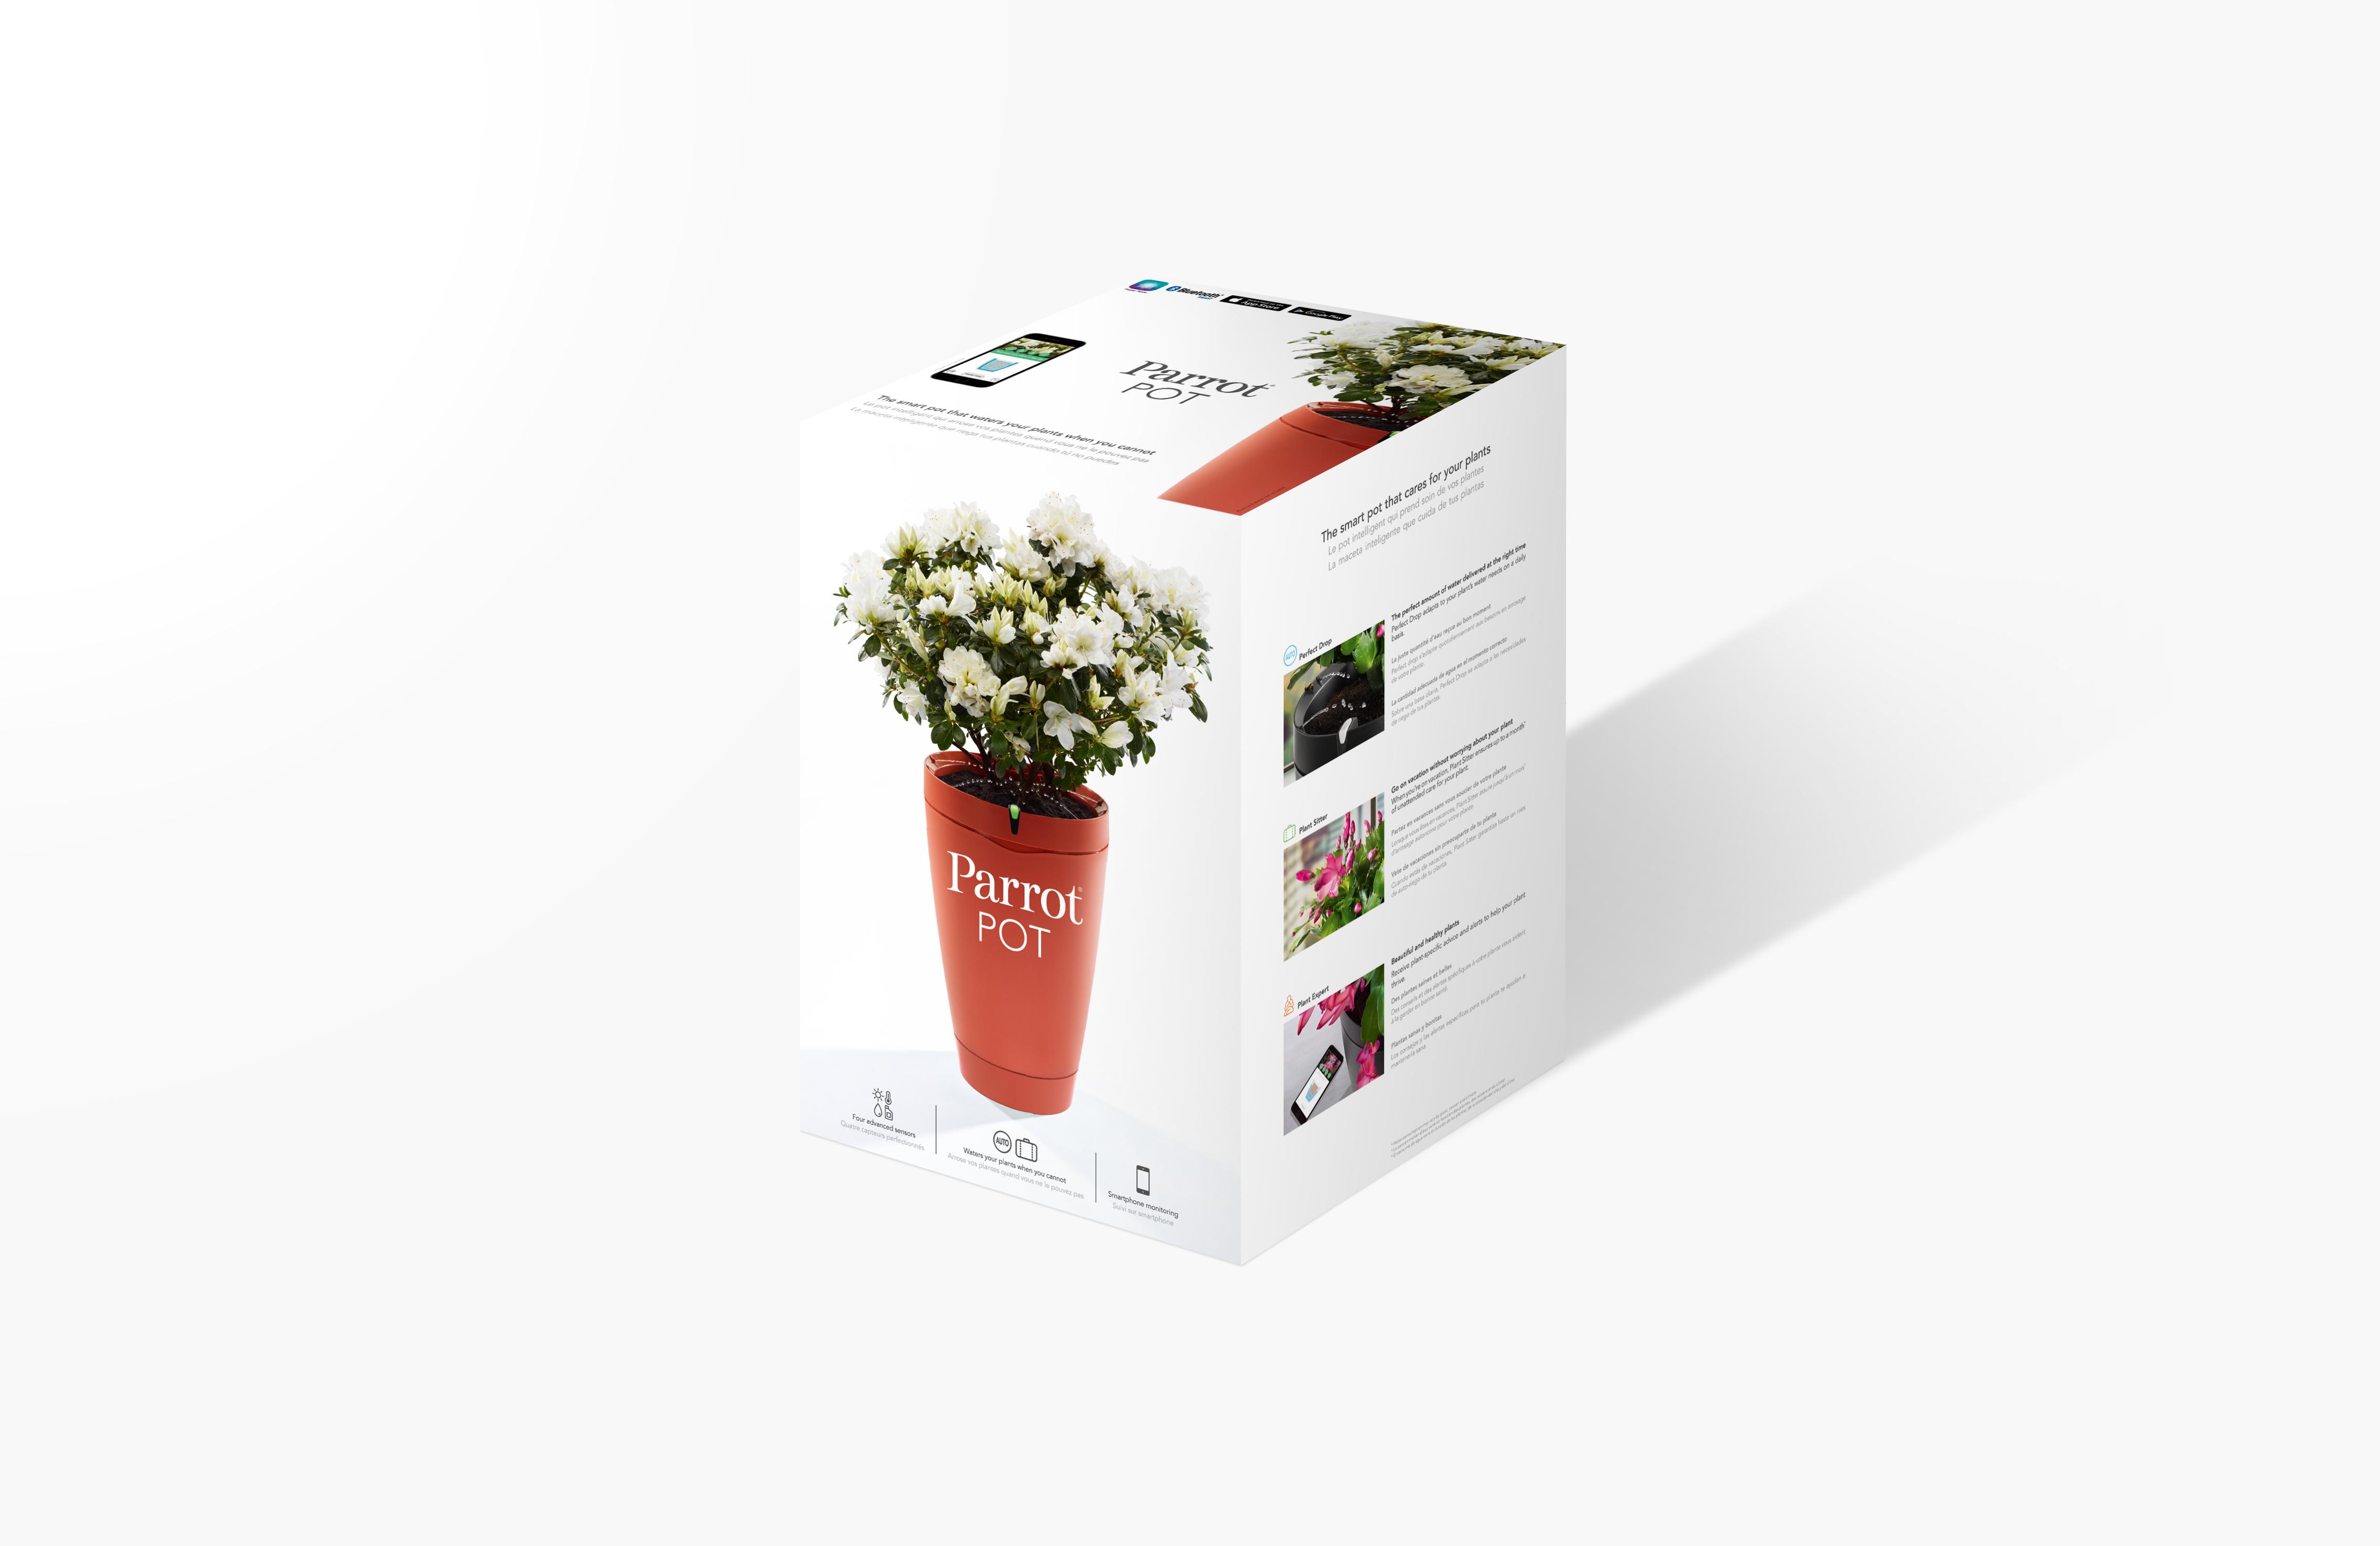 4.Parrot Pot_Packaging 2